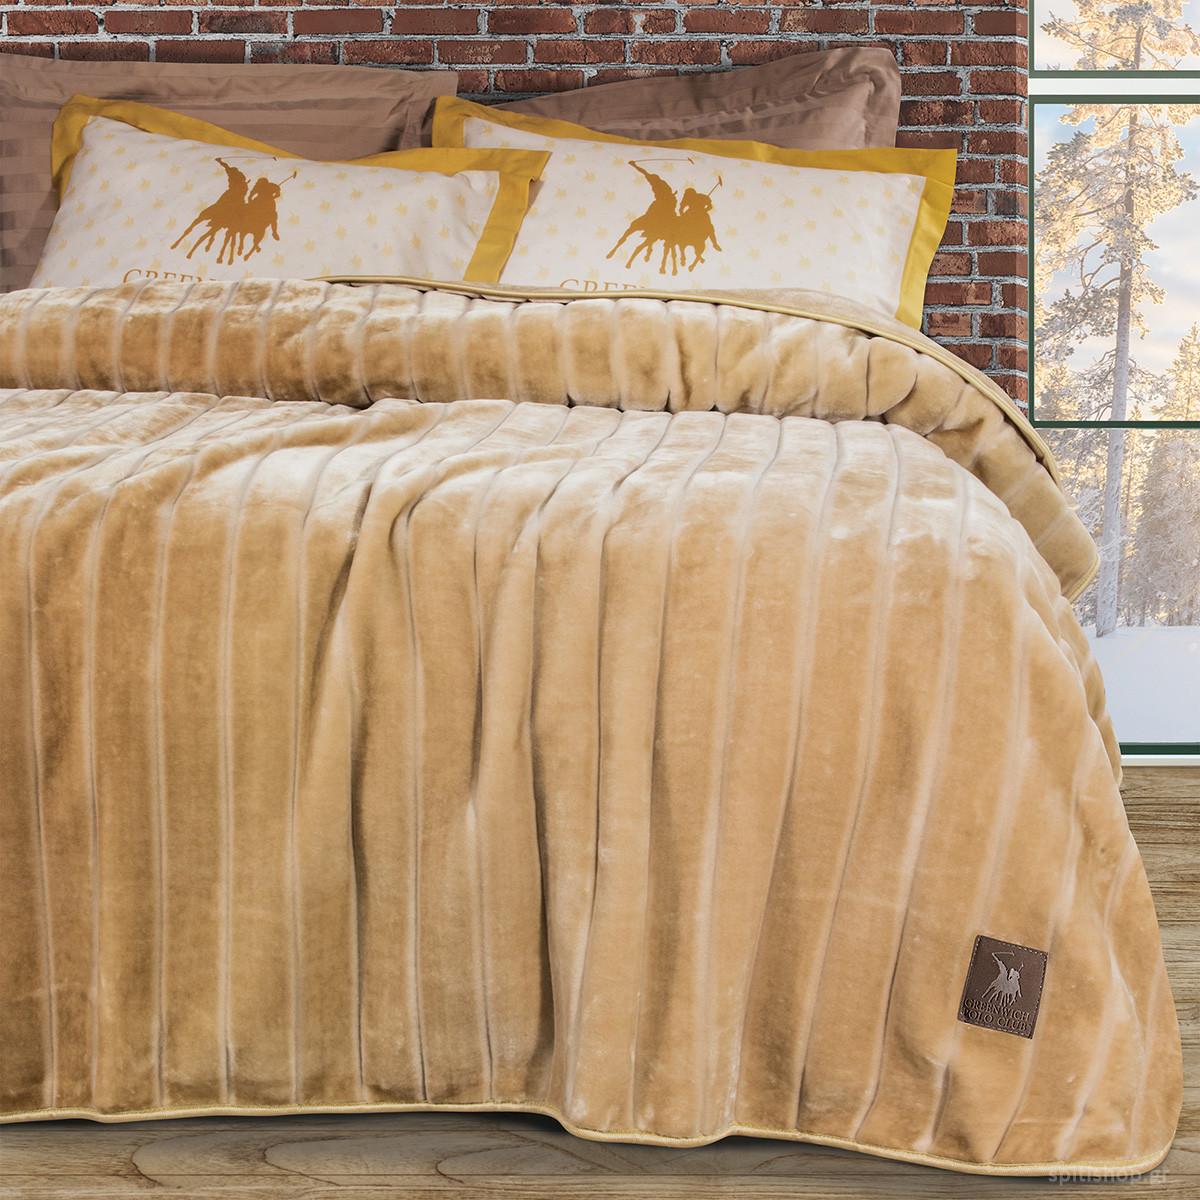 Κουβέρτα Βελουτέ Υπέρδιπλη Polo Club Essential Blanket 2426